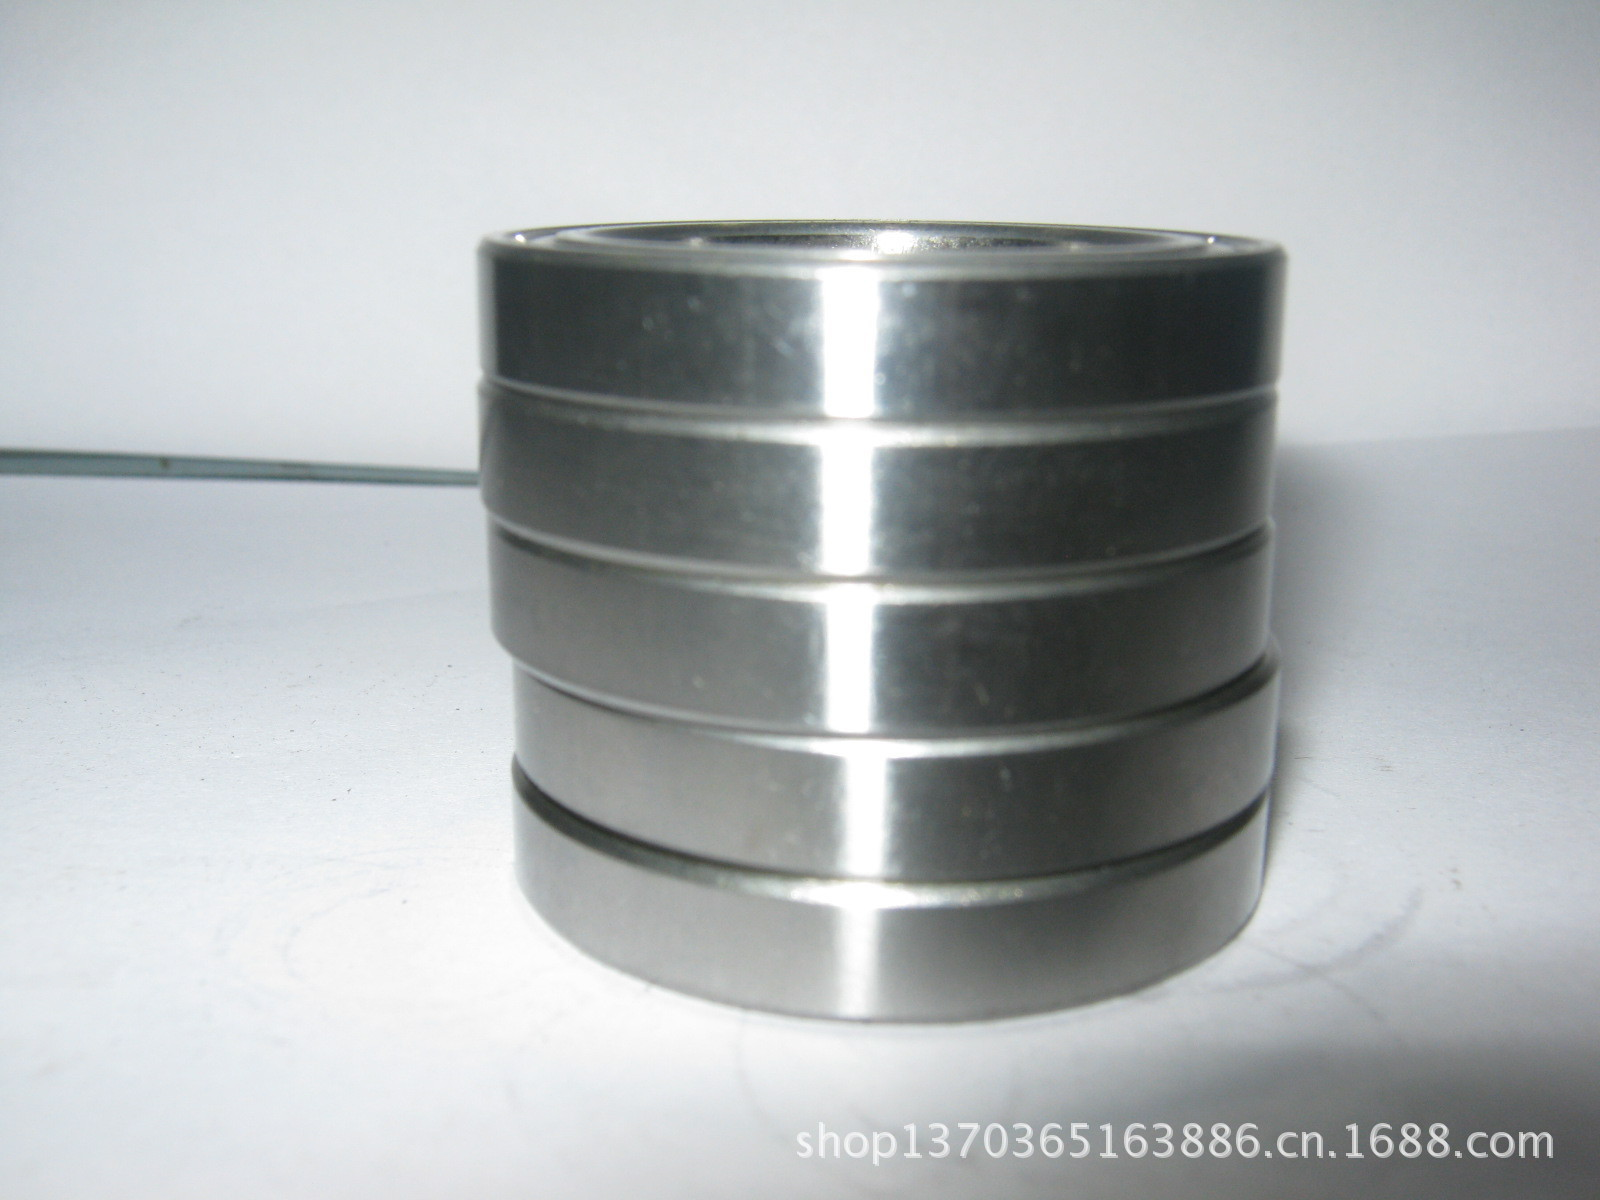 浙江衢州 哈尔滨轴承 61836-2Z 0类轴承 特价优惠中